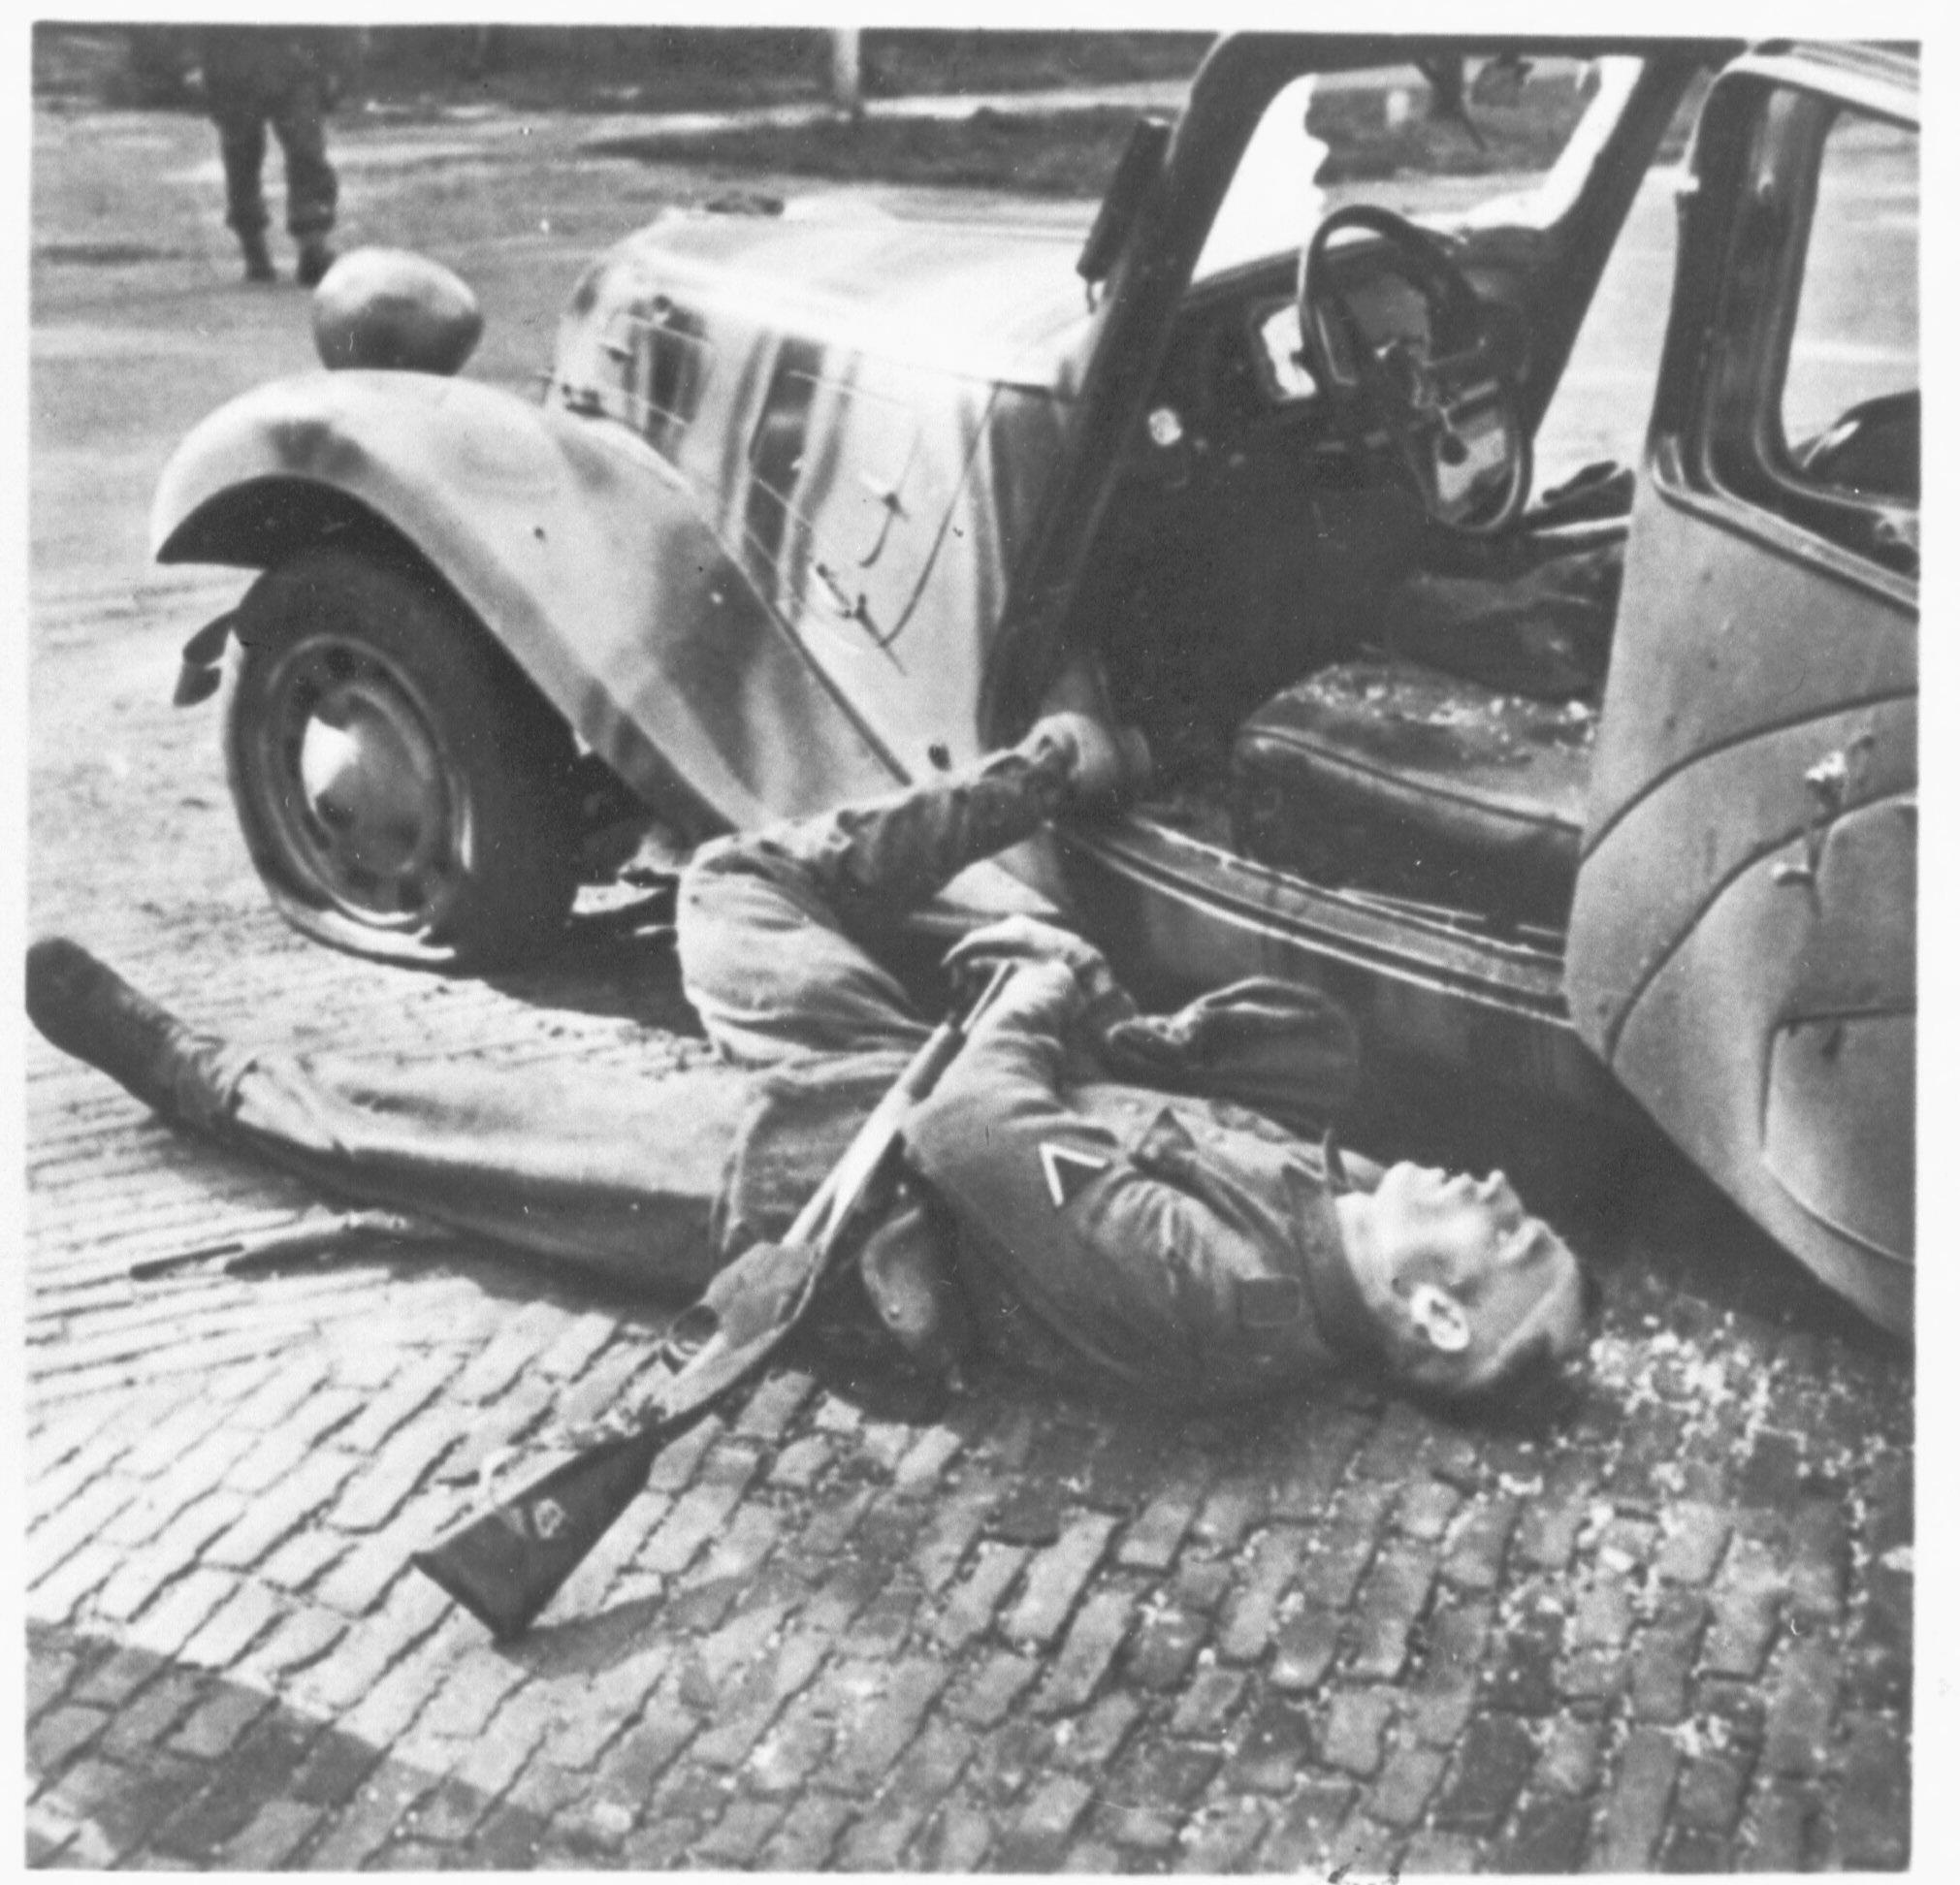 Gesneuvelde chauffeur van generaal-majoor Kussin, de Duitse stadscommandant van Arnhem, op de Utrechtseweg in Oosterbeek